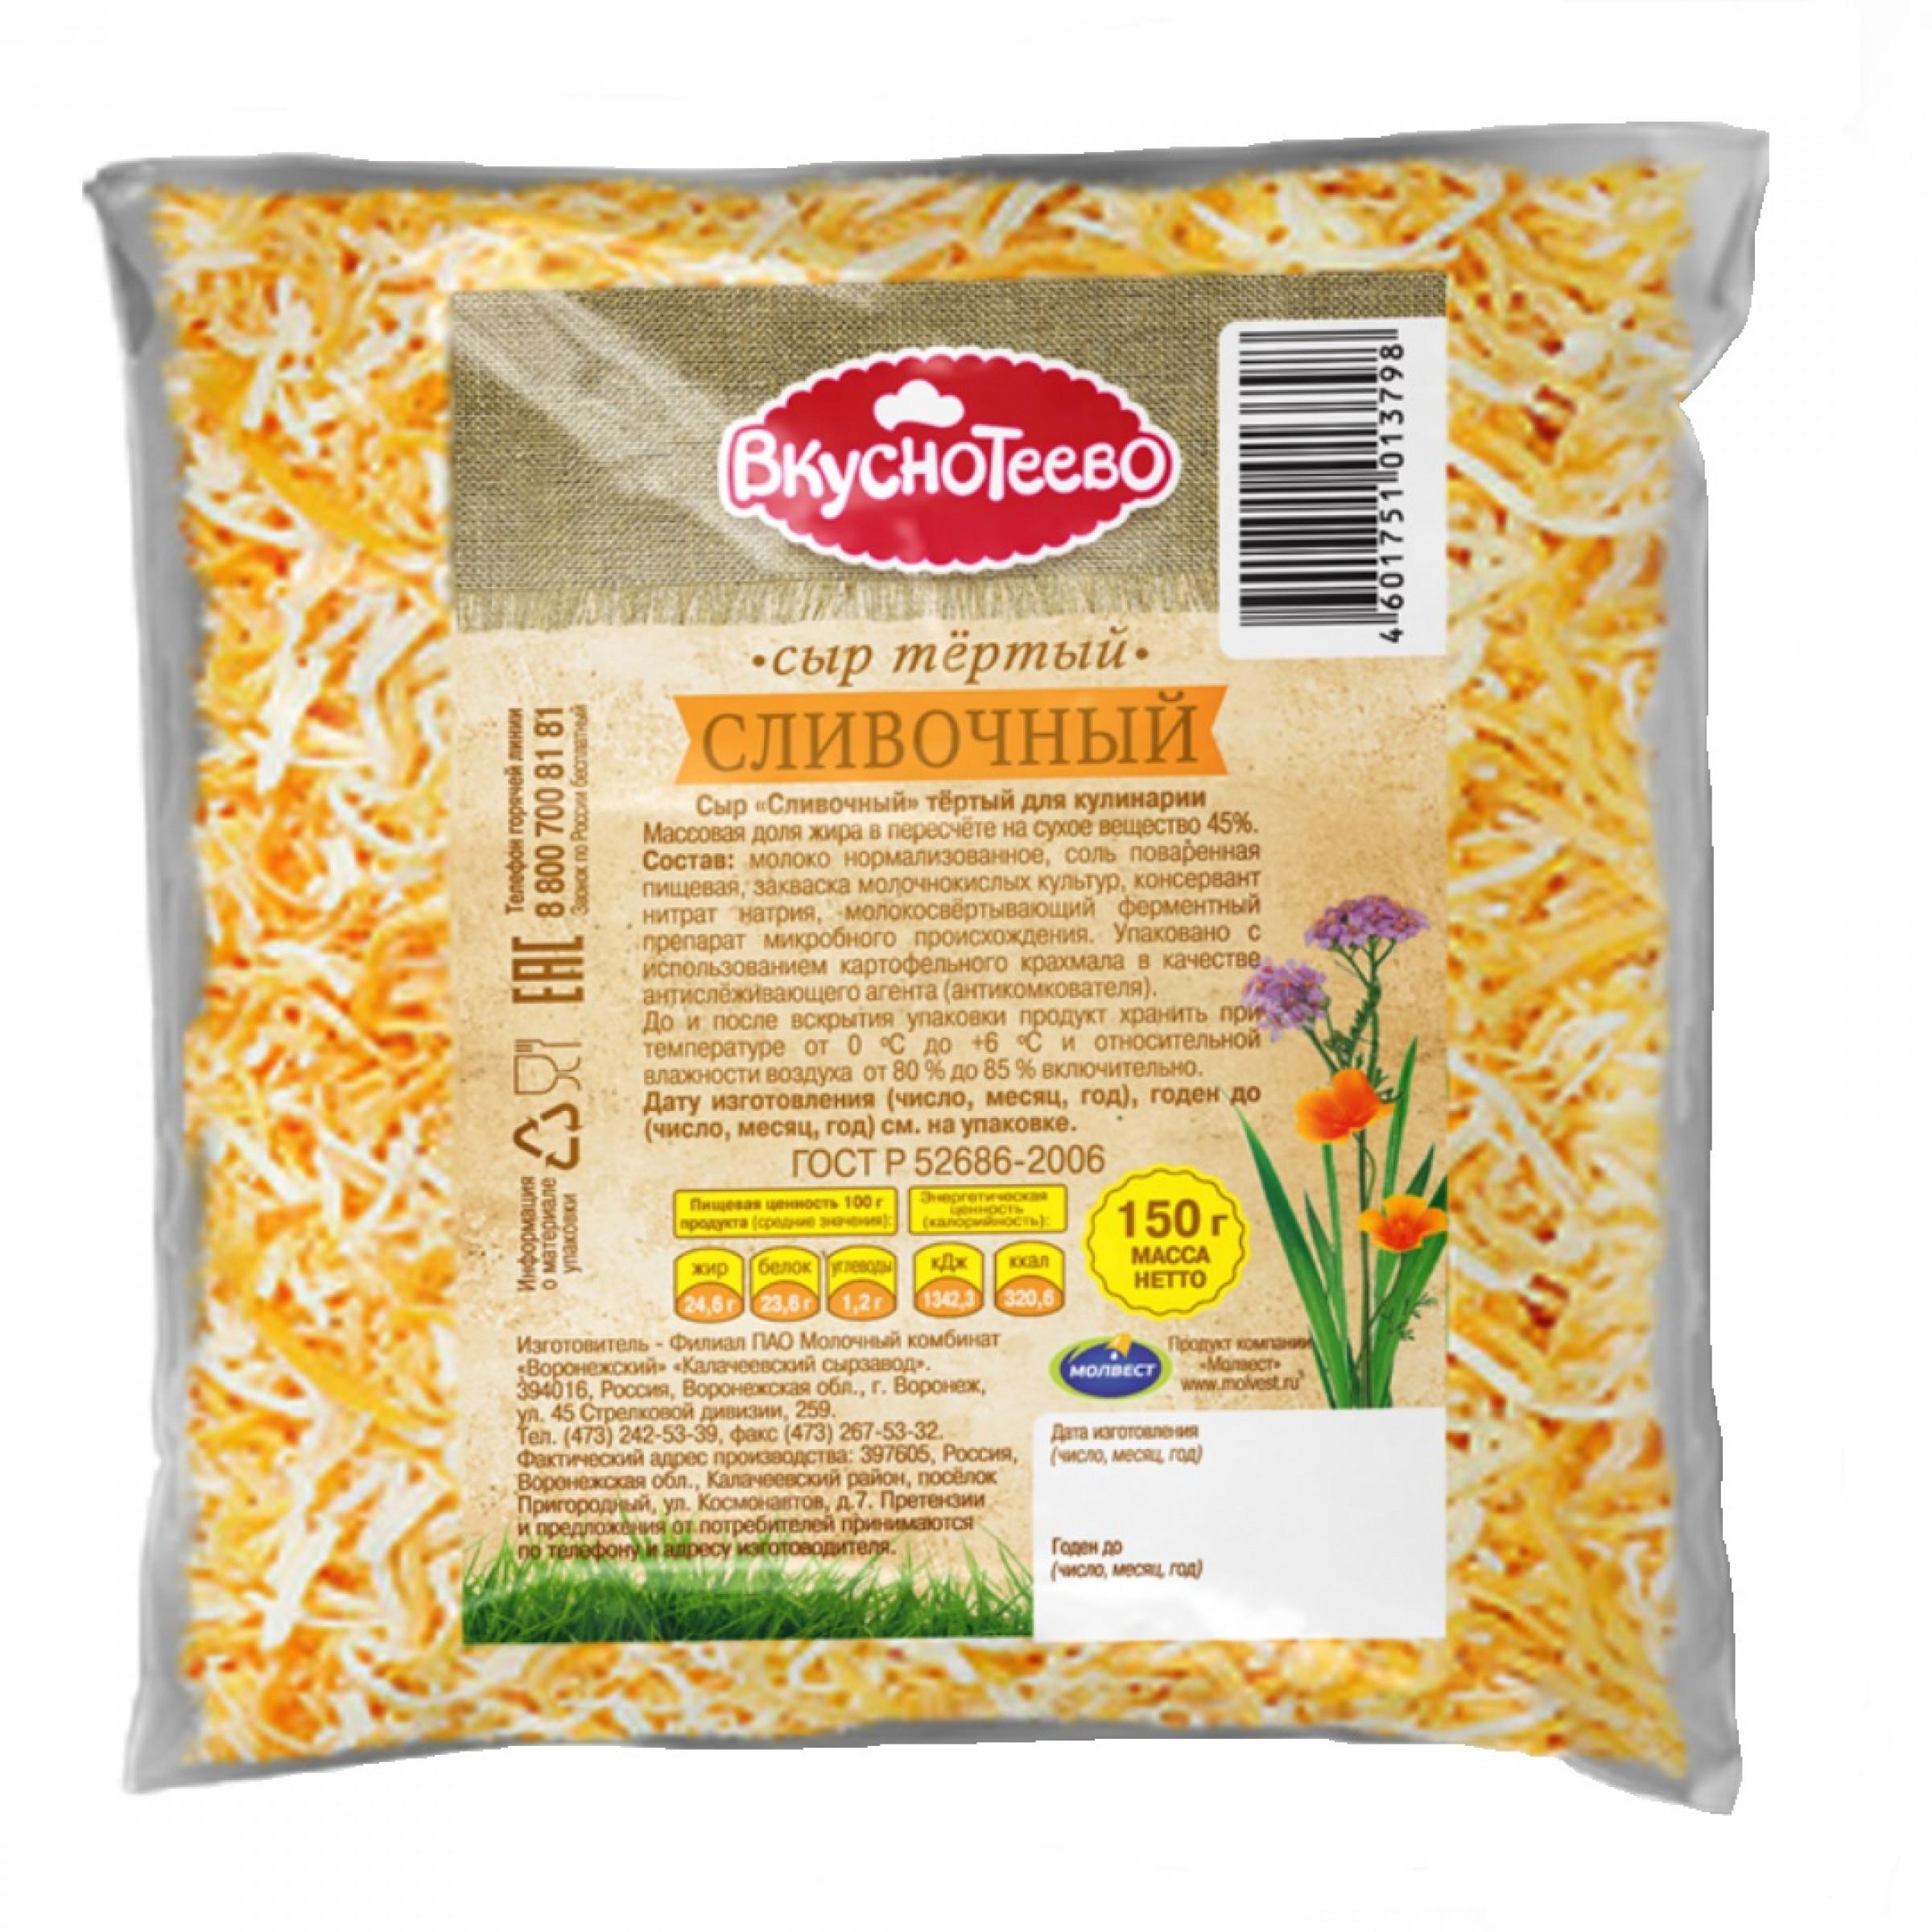 Сыр Вкуснотеево тертый сливочный для кулинарии 45%, 150г